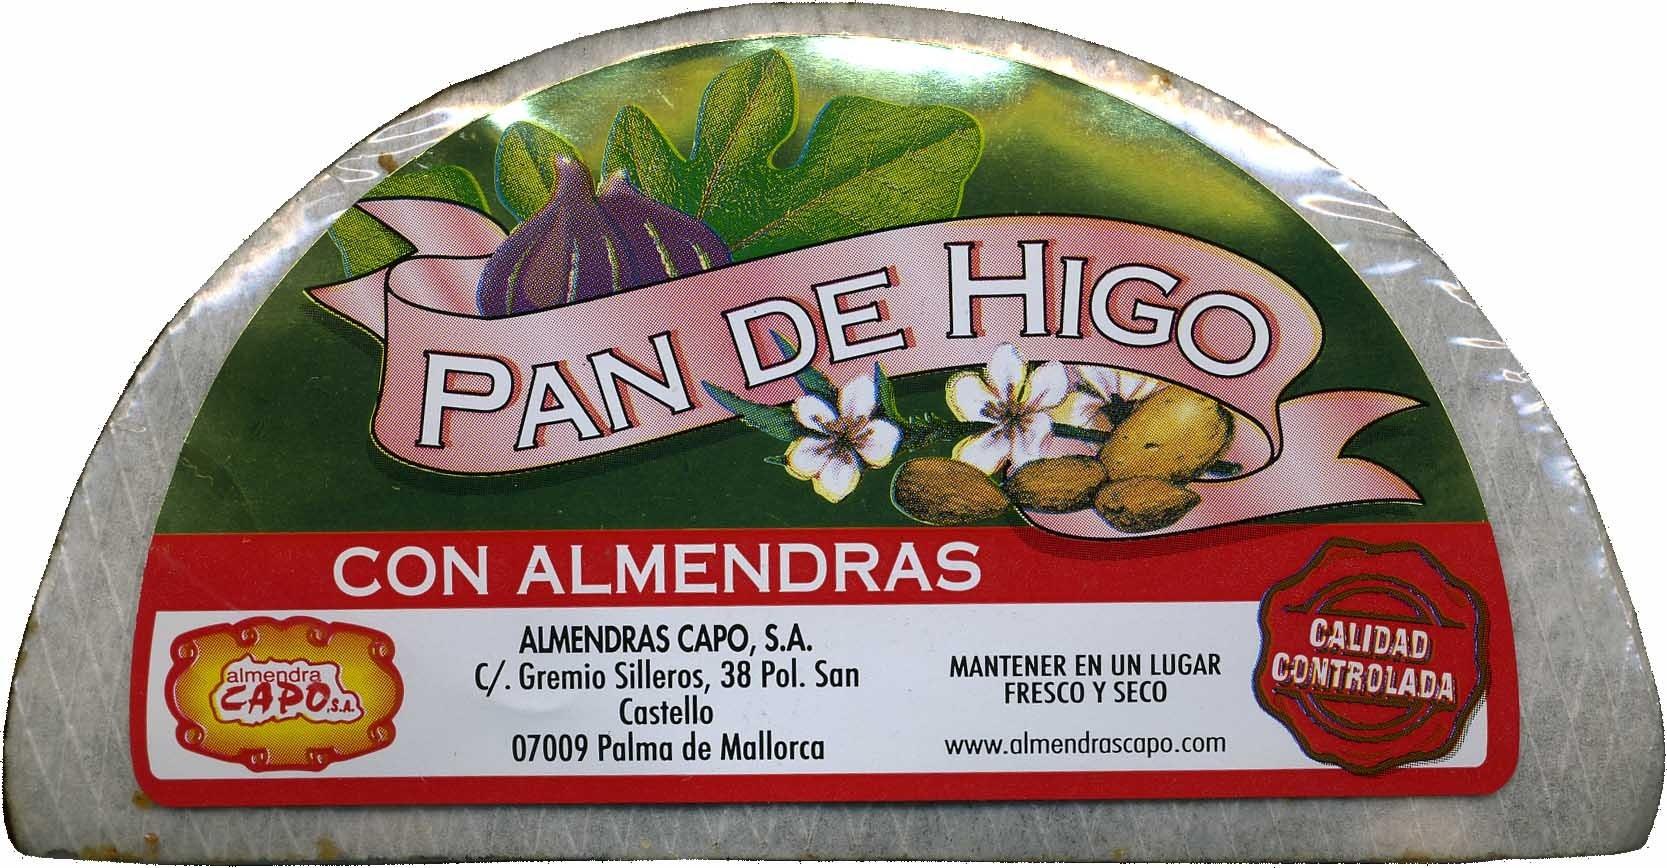 Pan de higo con almendras - Producto - es